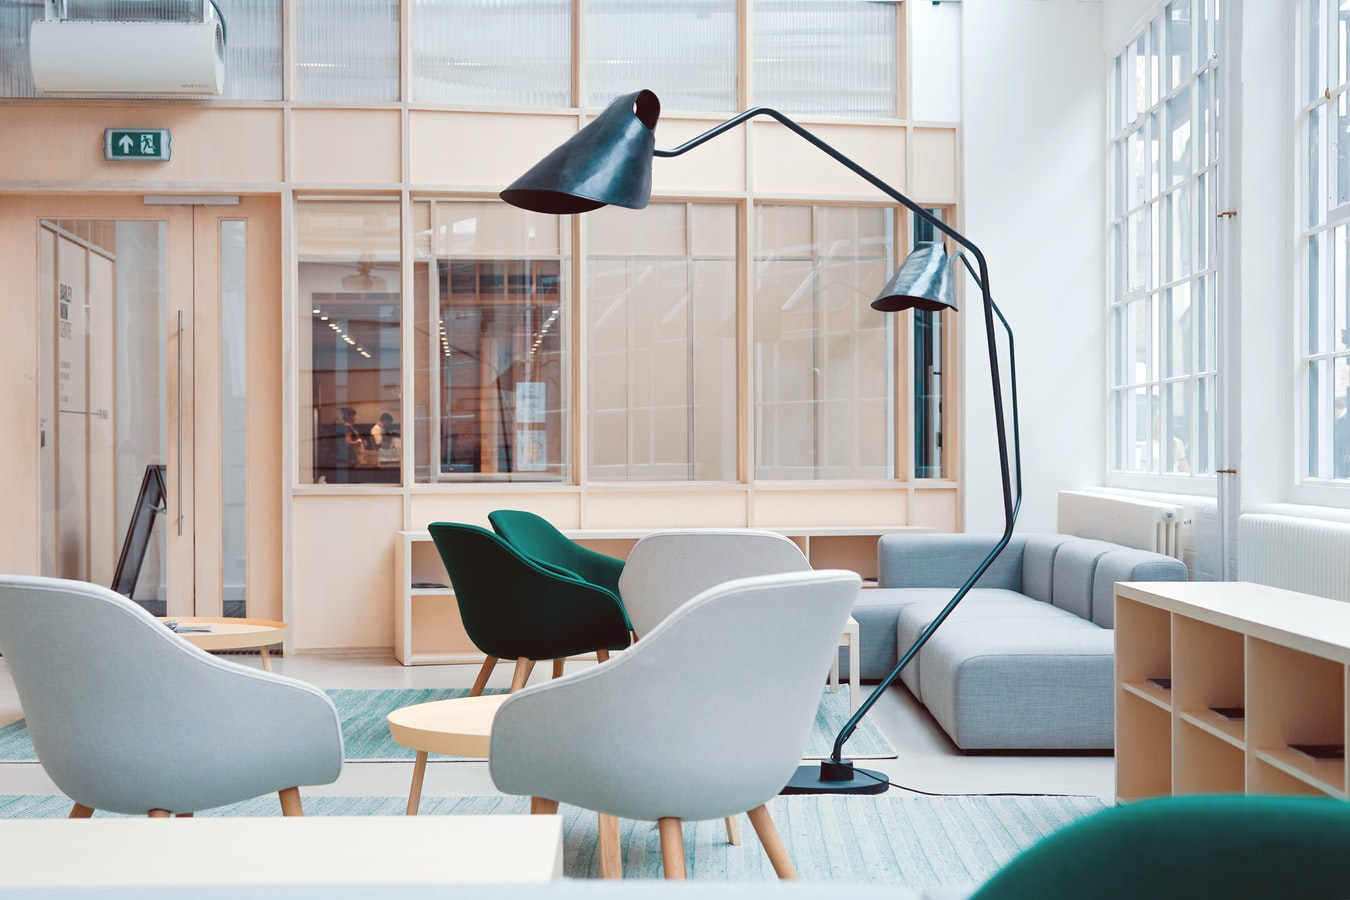 韩国创业故事:家居装饰Ohouse应用软件交易额一年翻三倍